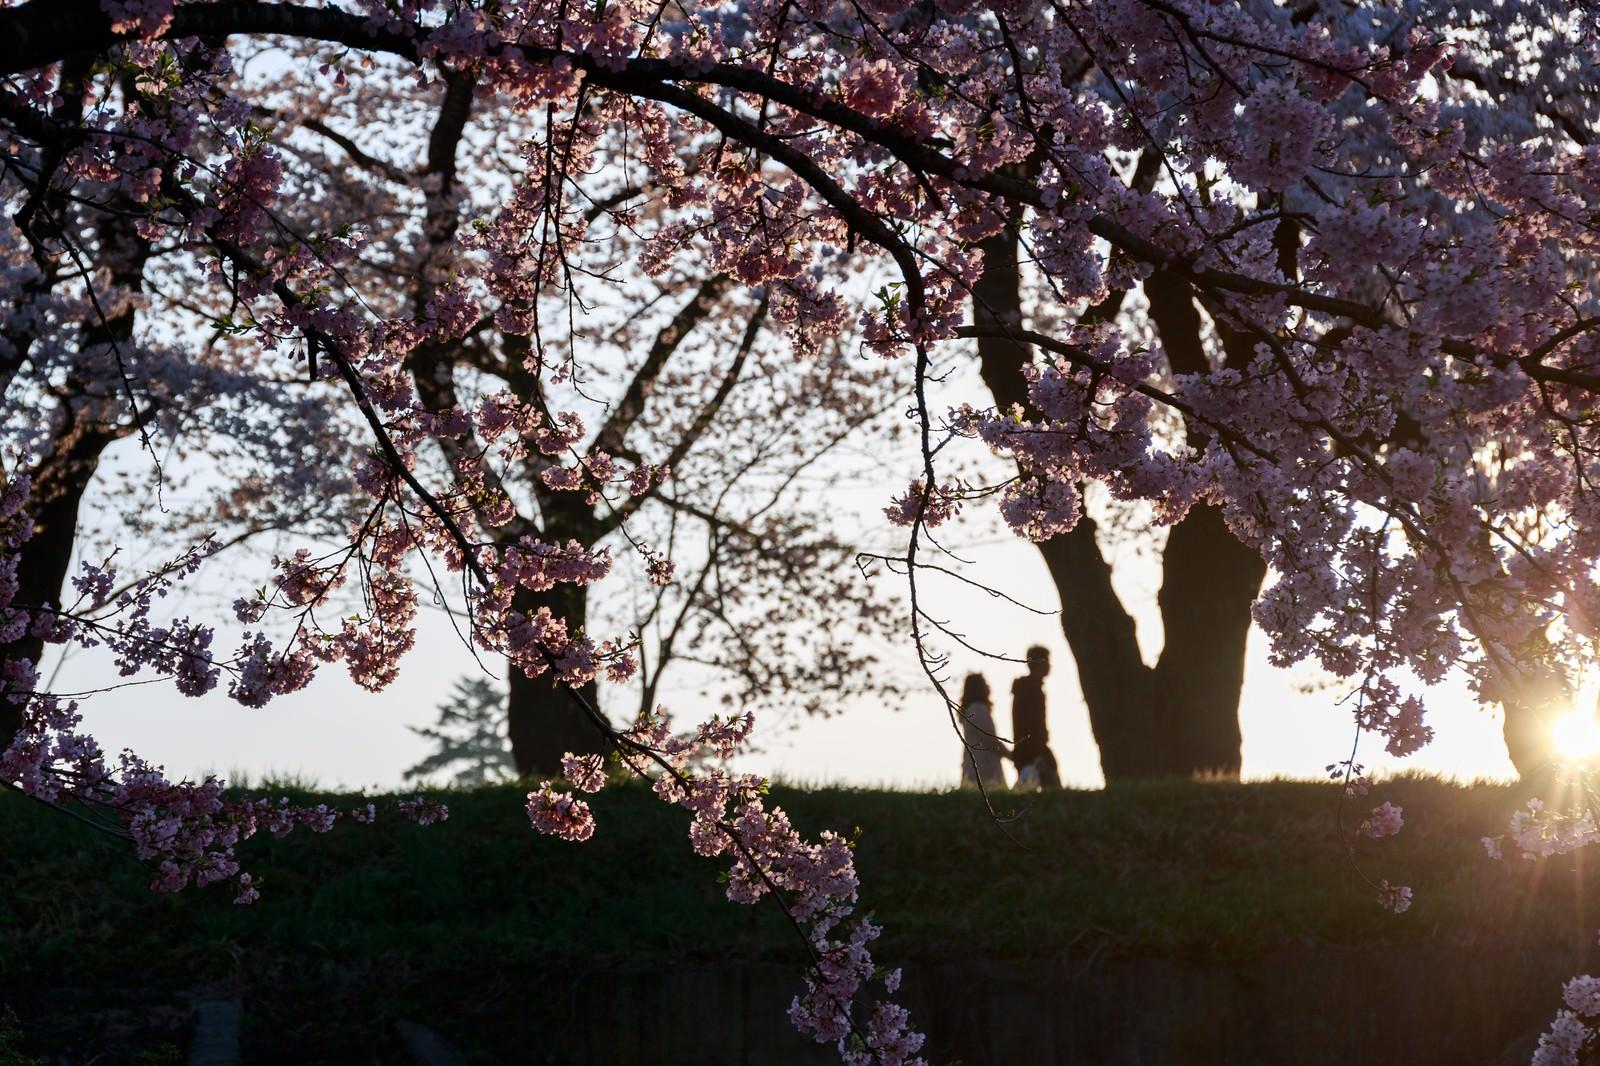 「夕焼け桜と恋人のシルエット」の写真